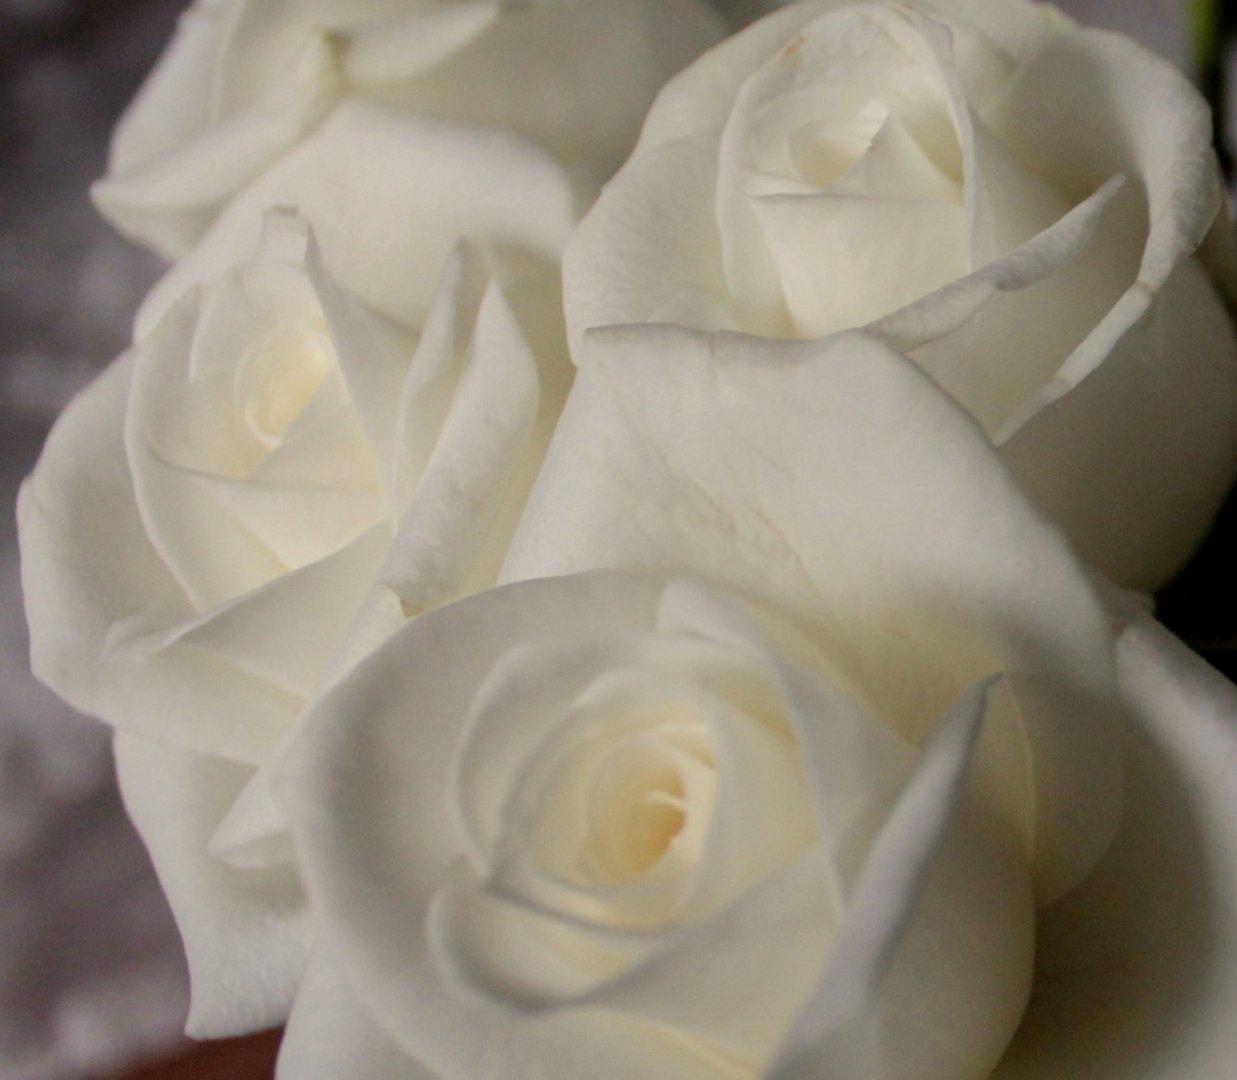 wei e rosen foto bild pflanzen pilze flechten bl ten kleinpflanzen rosen bilder. Black Bedroom Furniture Sets. Home Design Ideas